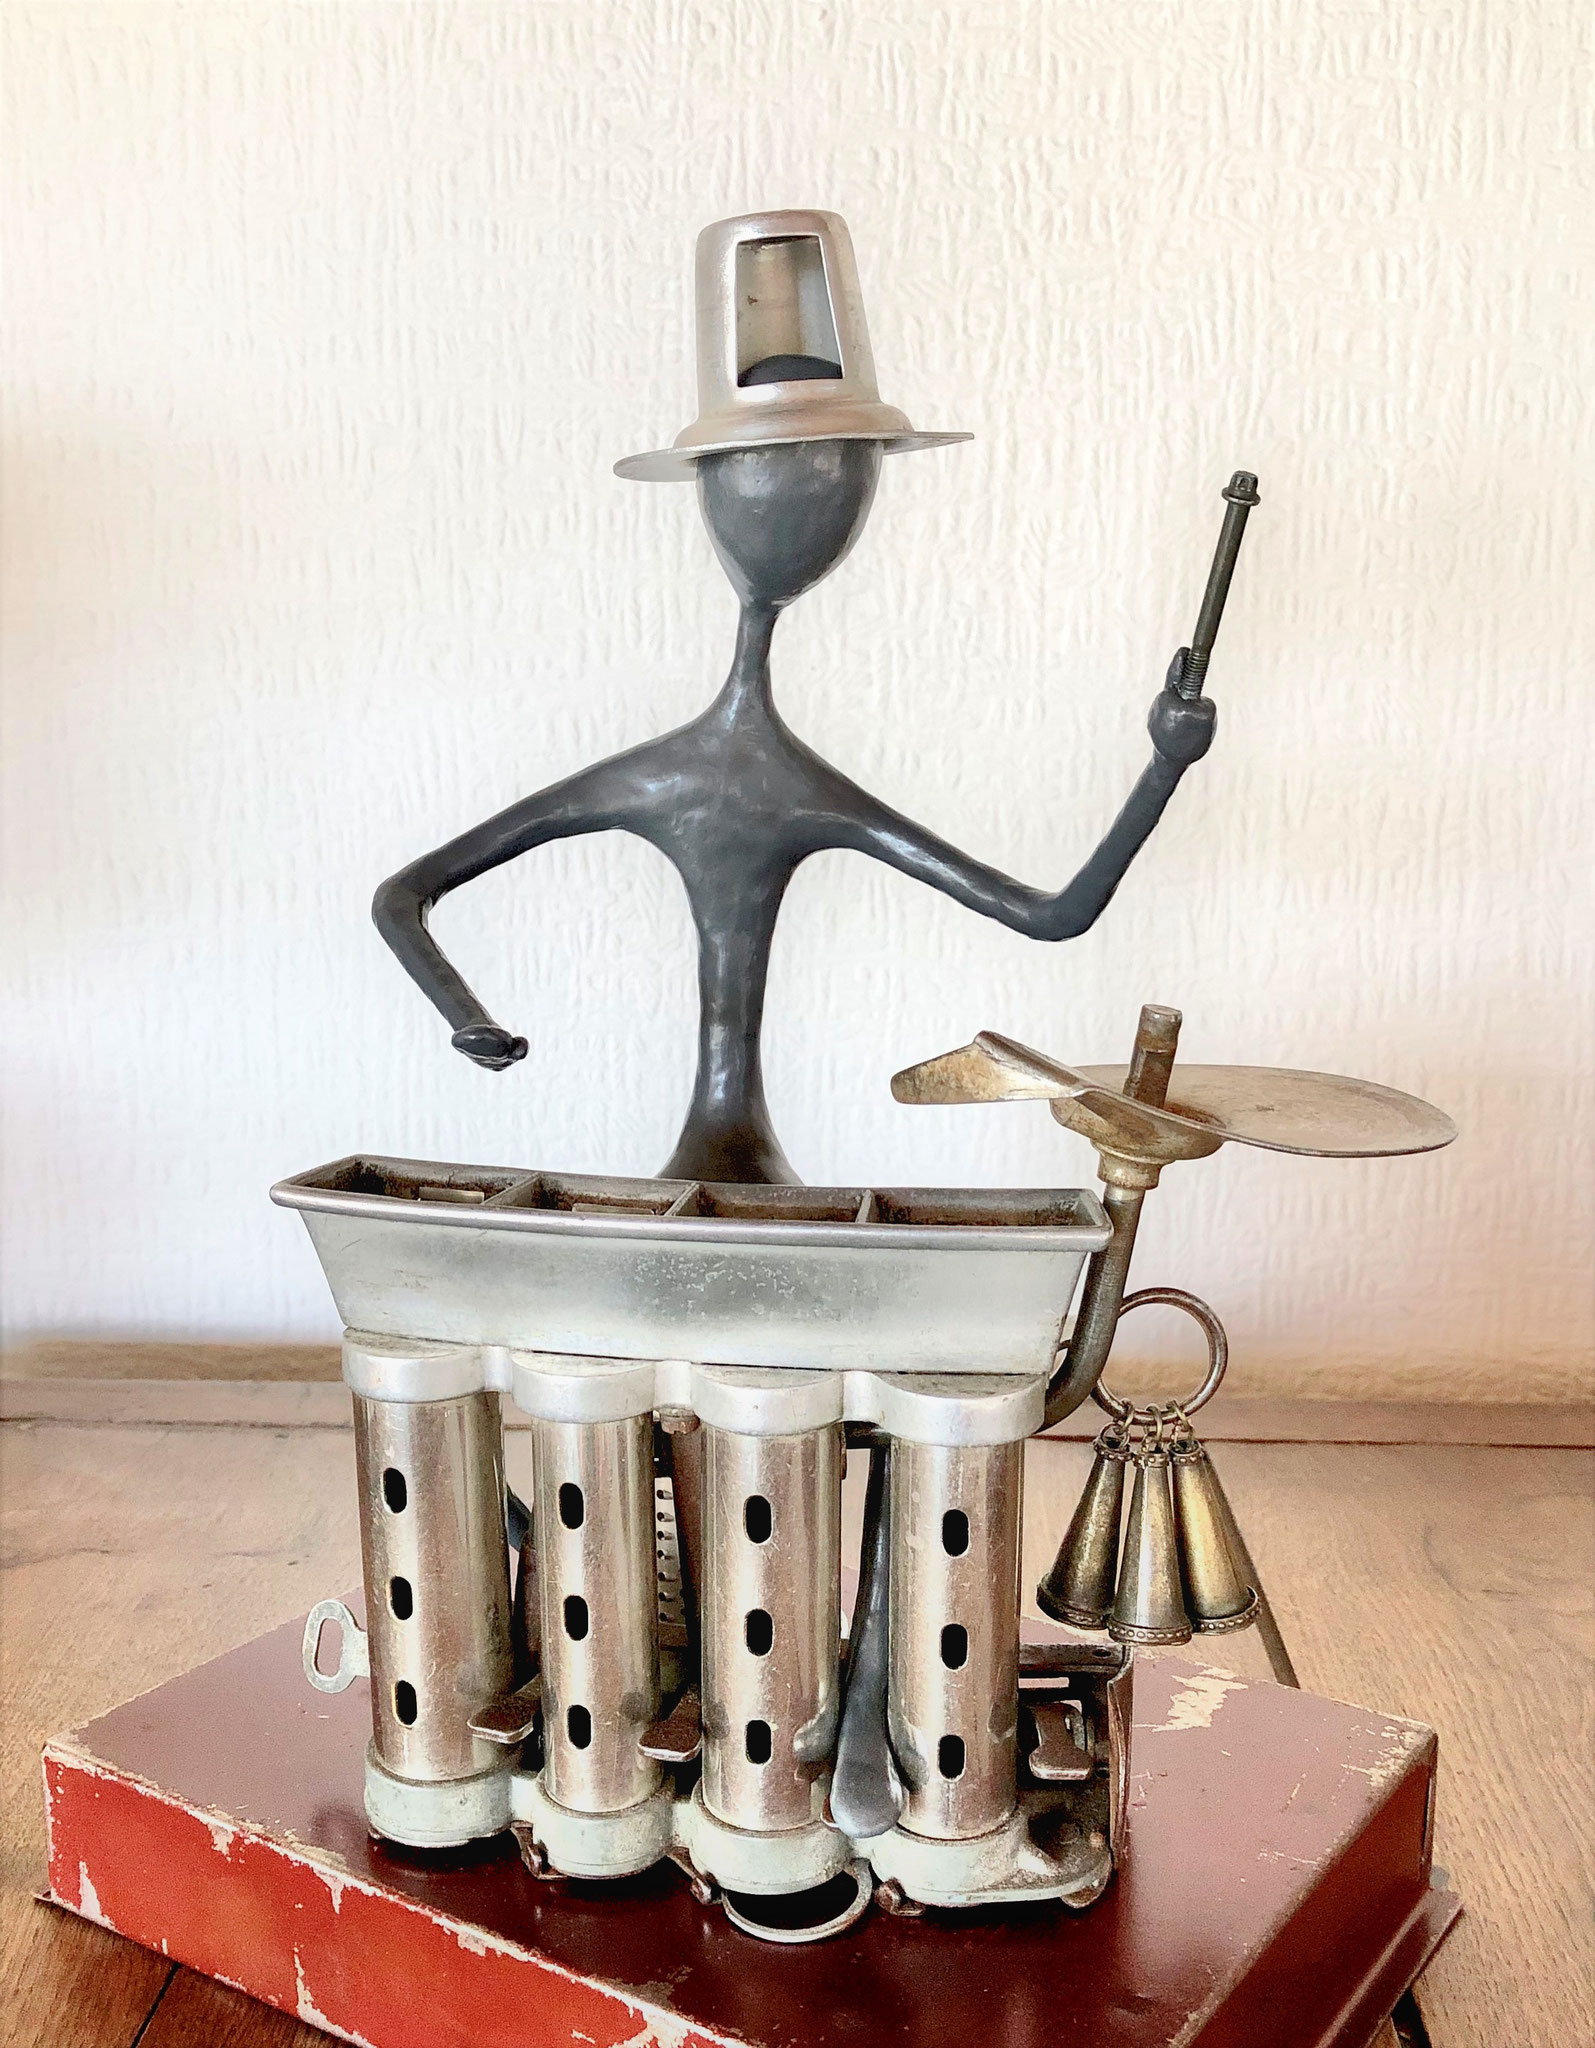 Percussionniste - H33 x B24 x T16 cm